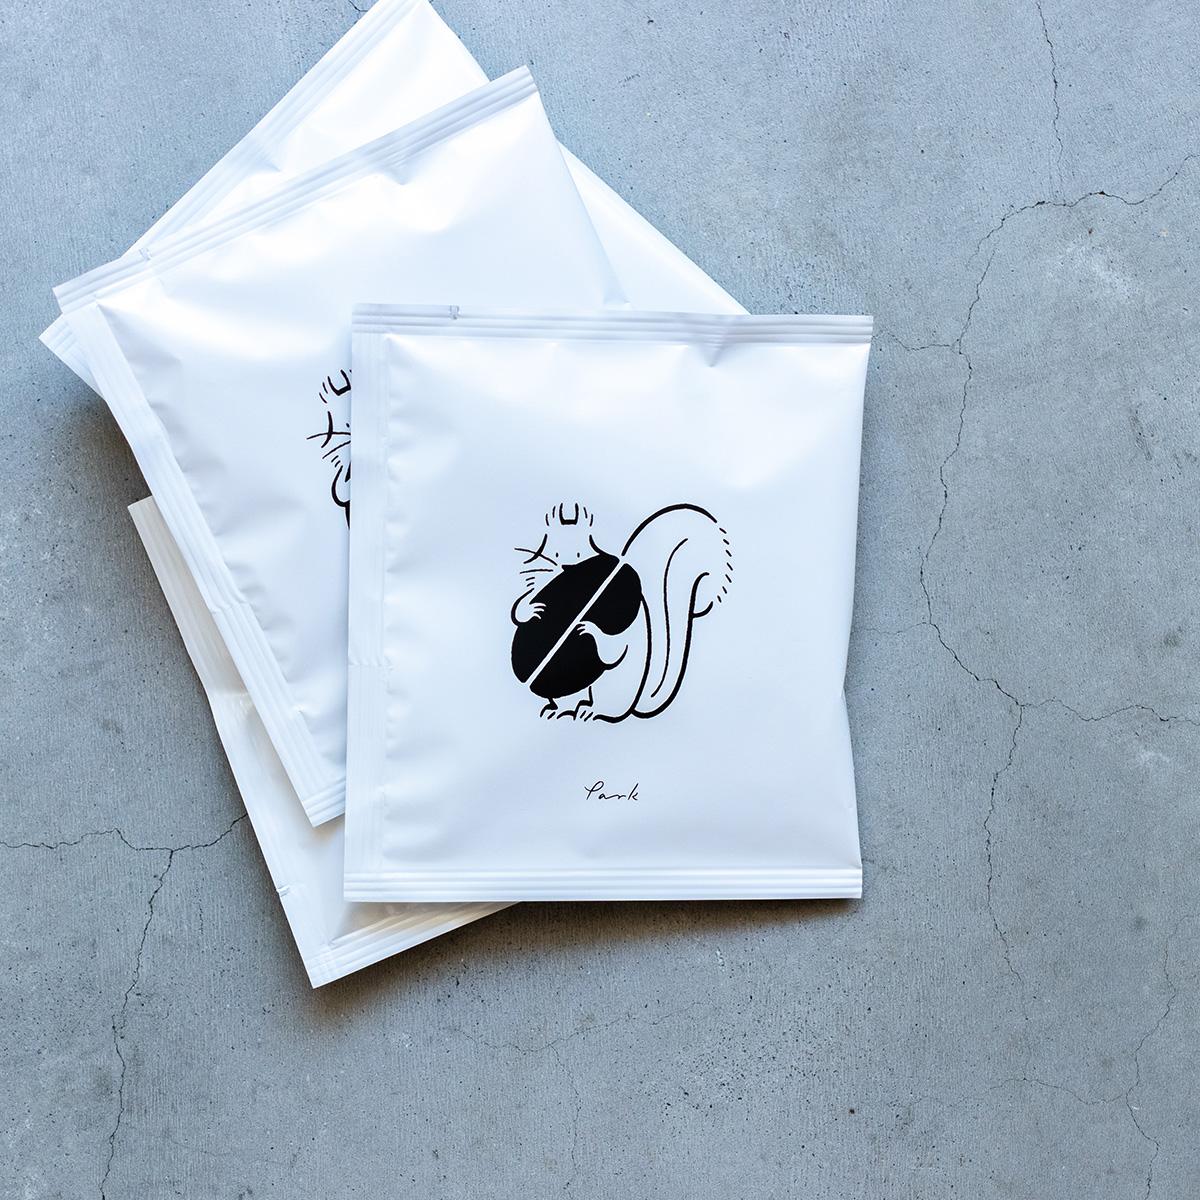 【新入荷】parkディップスタイルコーヒーバッグ